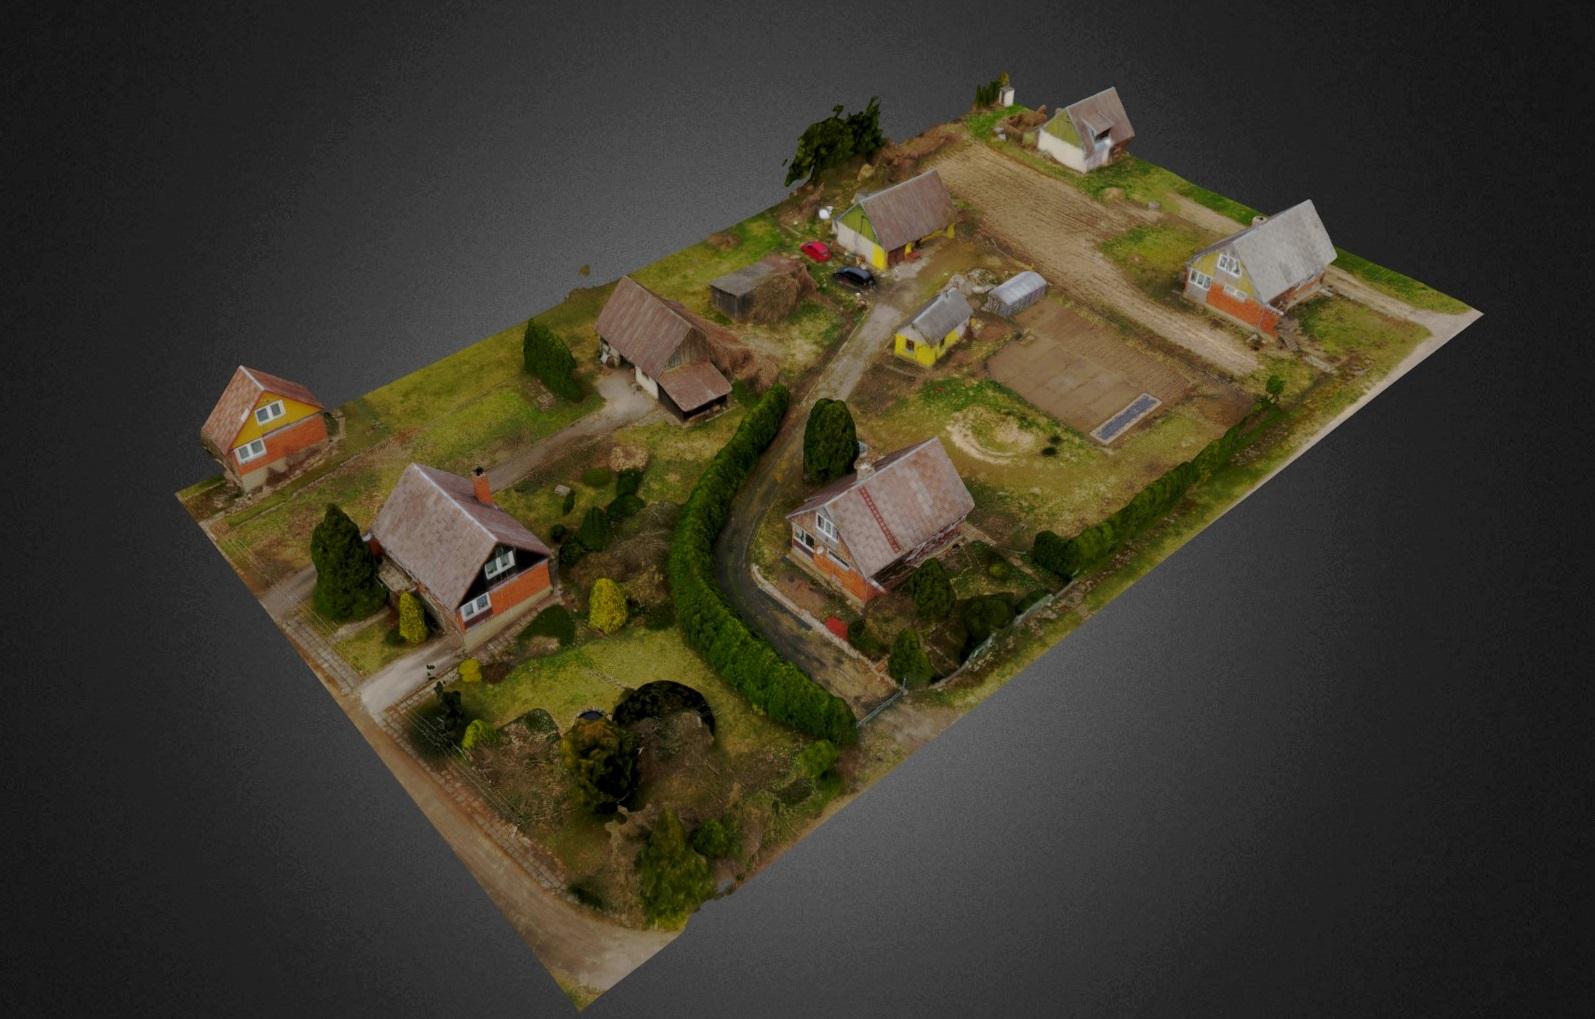 Aeronuotraukos puiki priemonė vadovams statybų eigos stebėjimui ir kontrolei. Taip pat galimas ir teritorijų planavimas realiame vaizde pasidarius teritorijos 3D vaizdą.